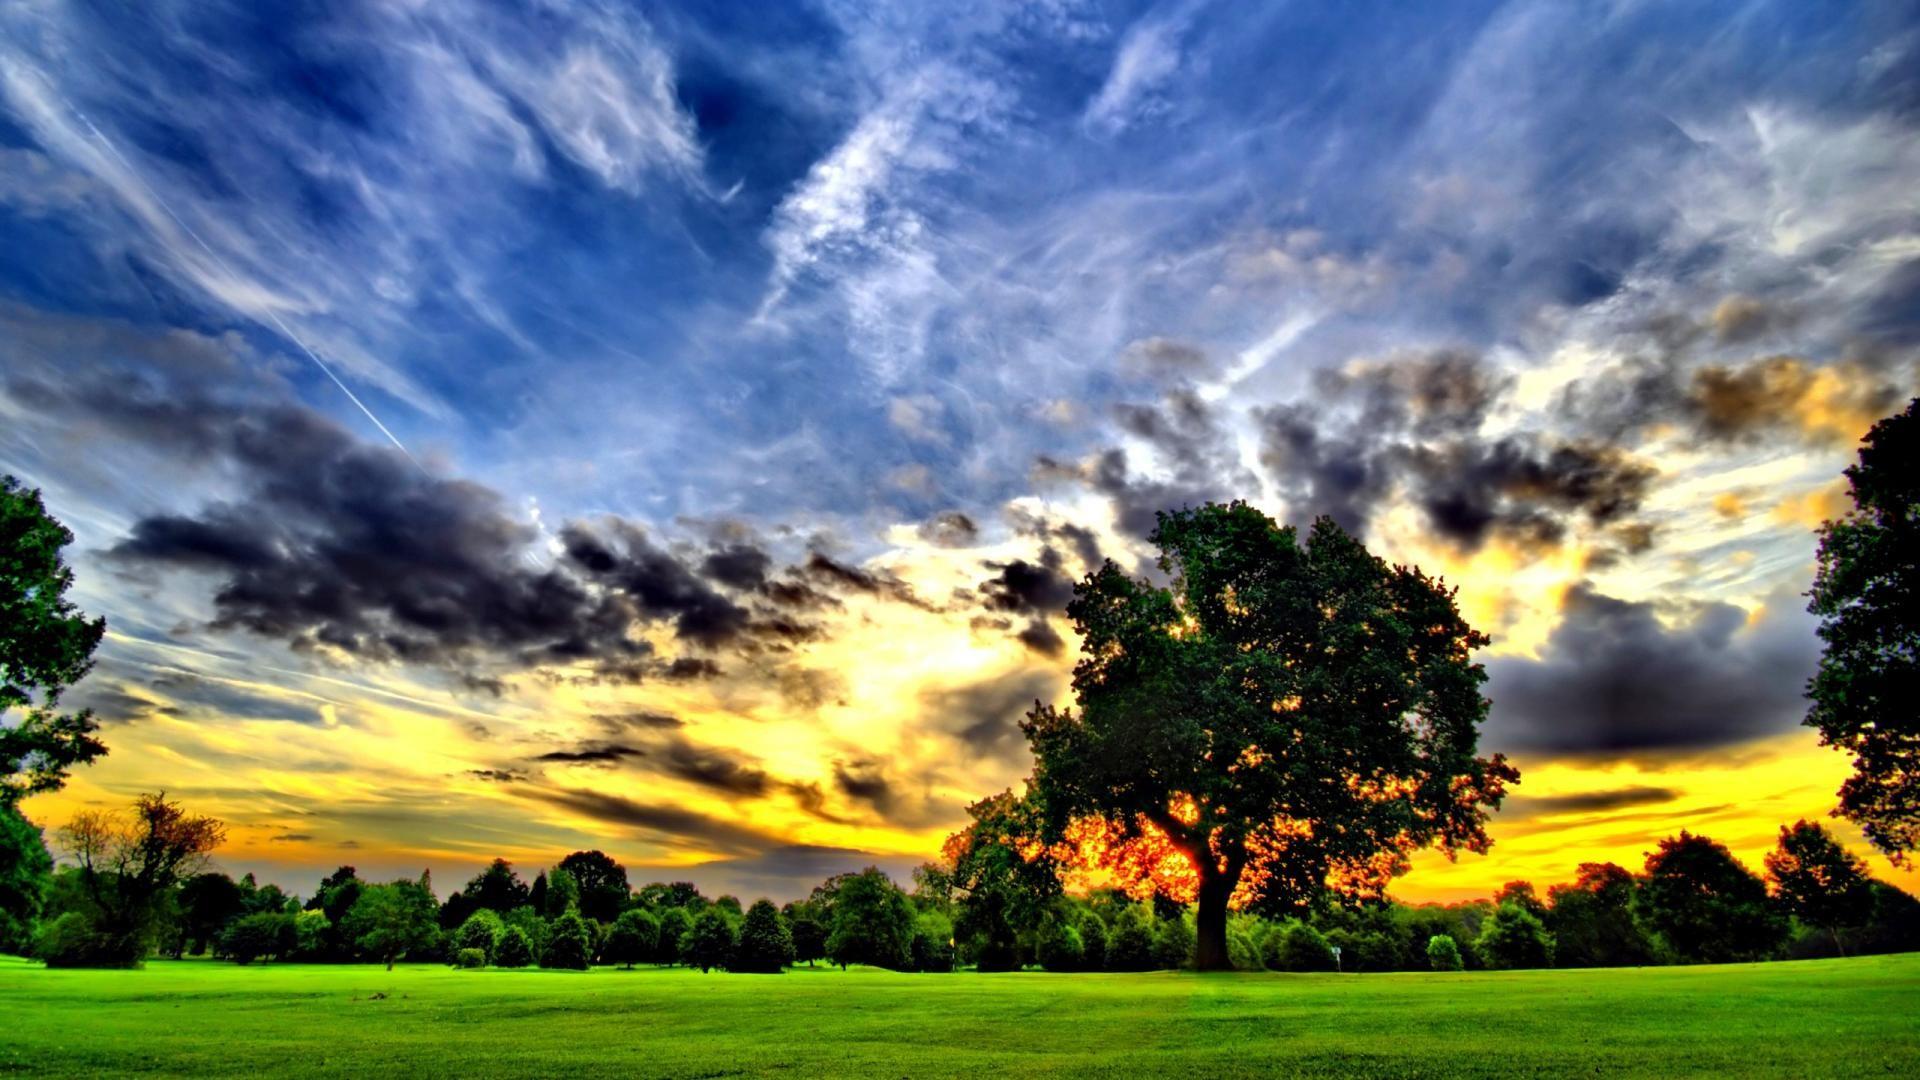 natural images hd wallpaper desktop background,sky,natural landscape,nature,cloud,daytime